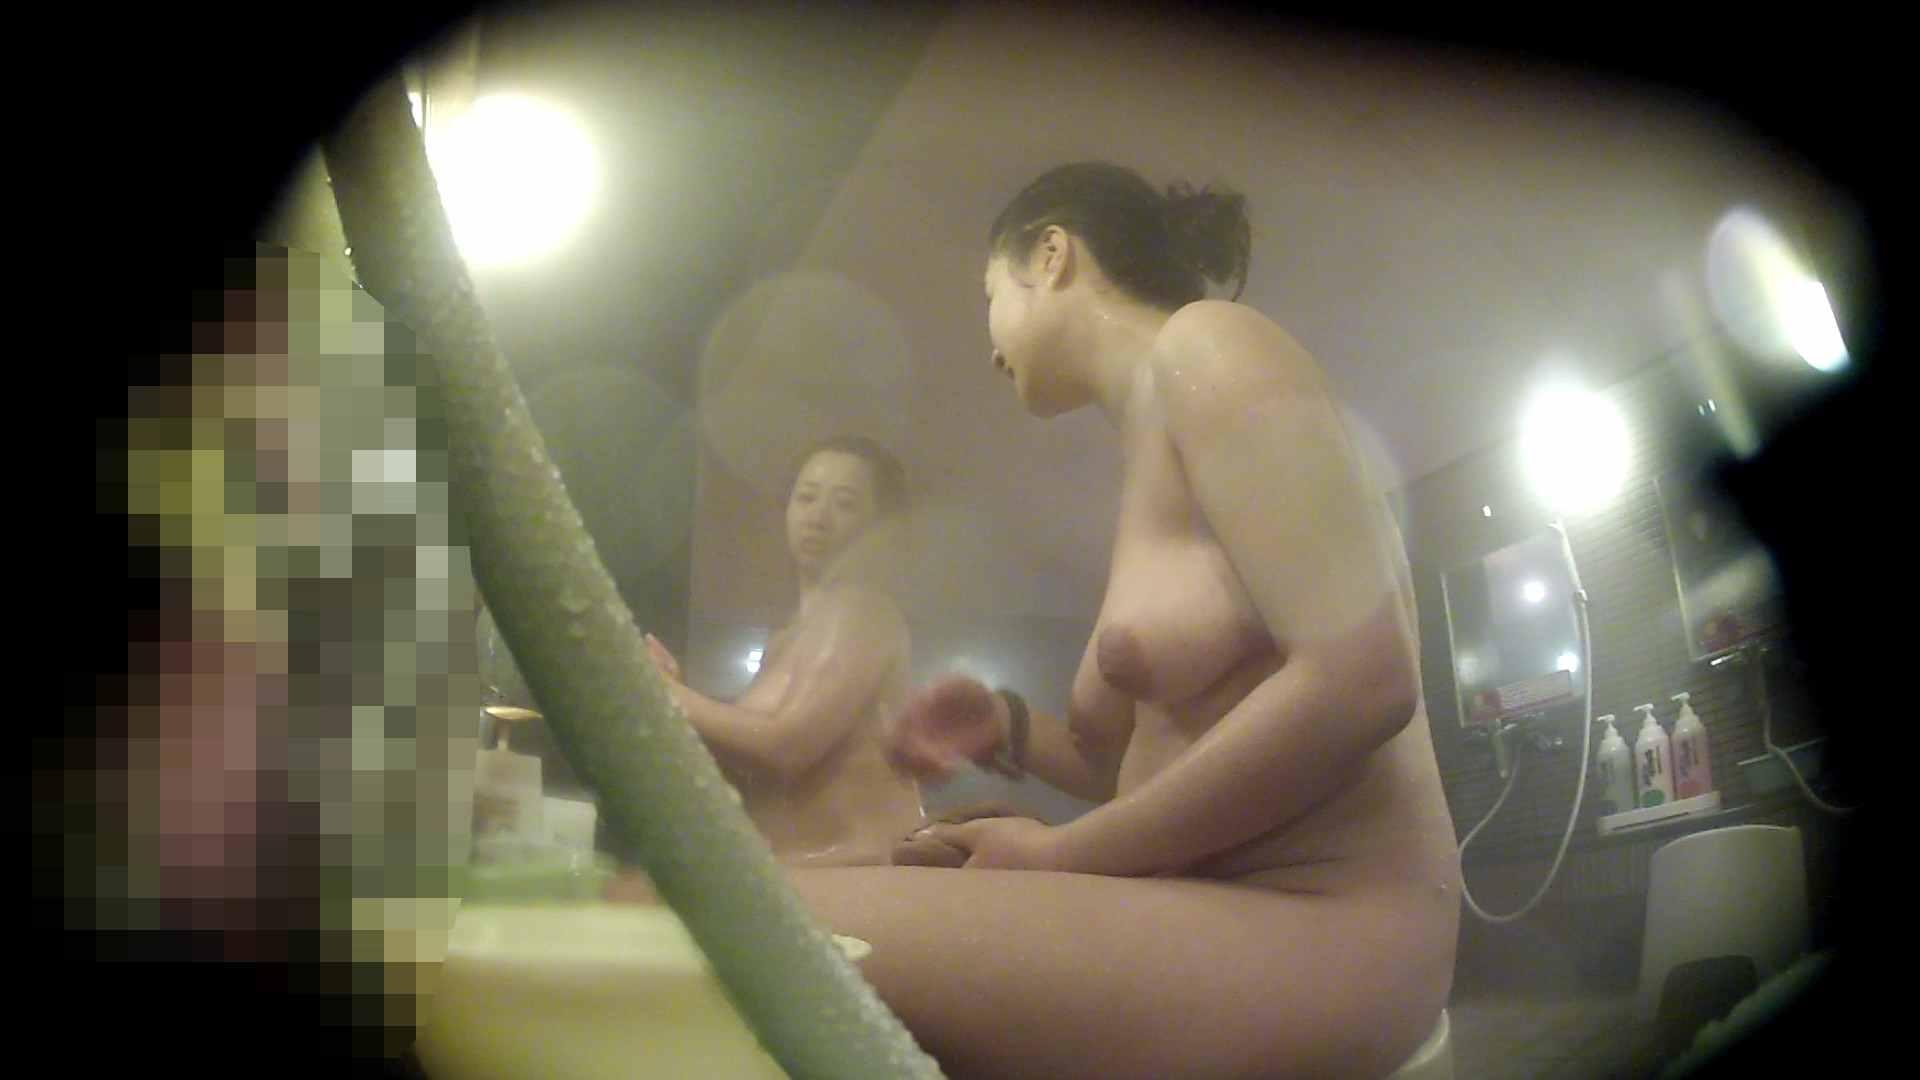 ハイビジョン 洗い場!豊満な乳が大地へと・・・乳輪の大きさは人それぞれ 銭湯特撮 | エロくん潜入  91連発 73